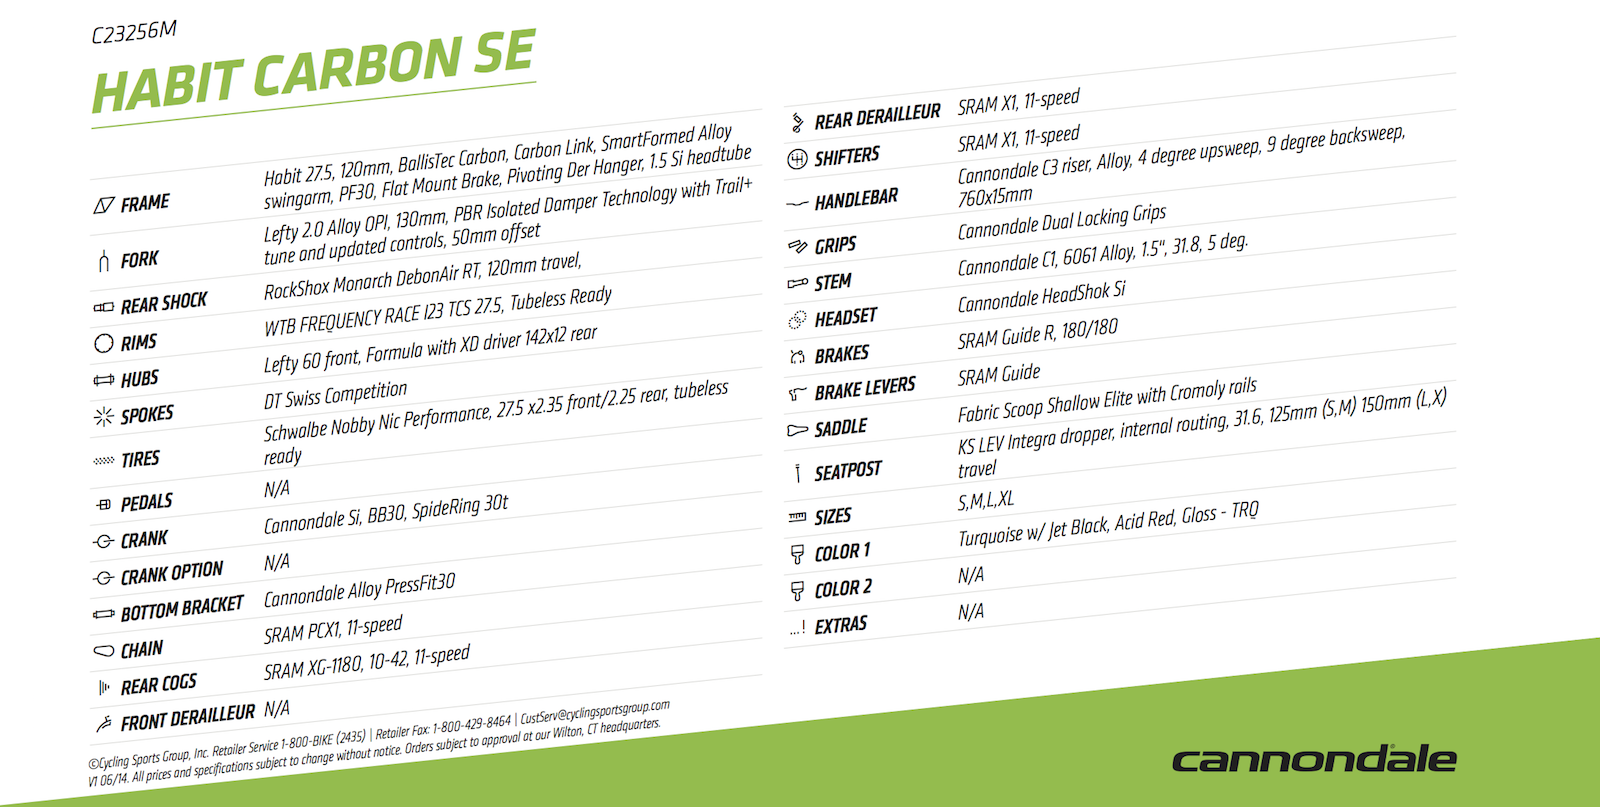 Cannondale 2016 Habit Carbon SE